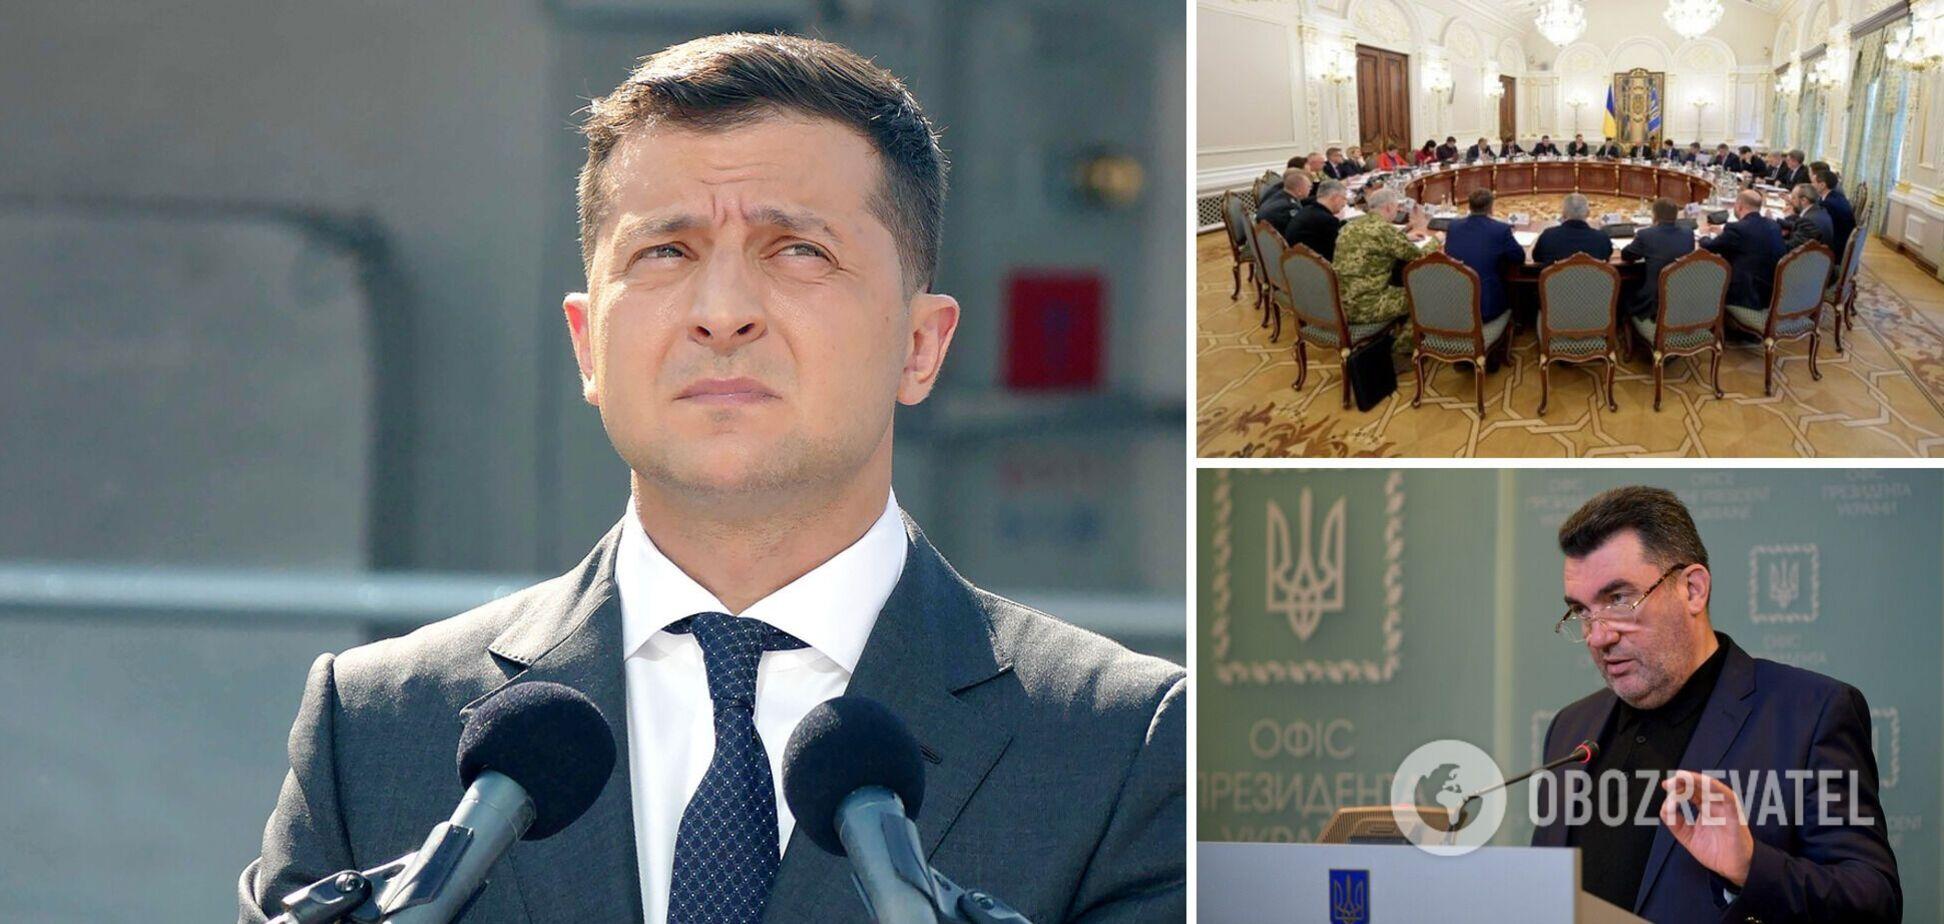 Зеленский и СНБО ввели санкции против Медведчука и его жены: Марченко собралась в политику